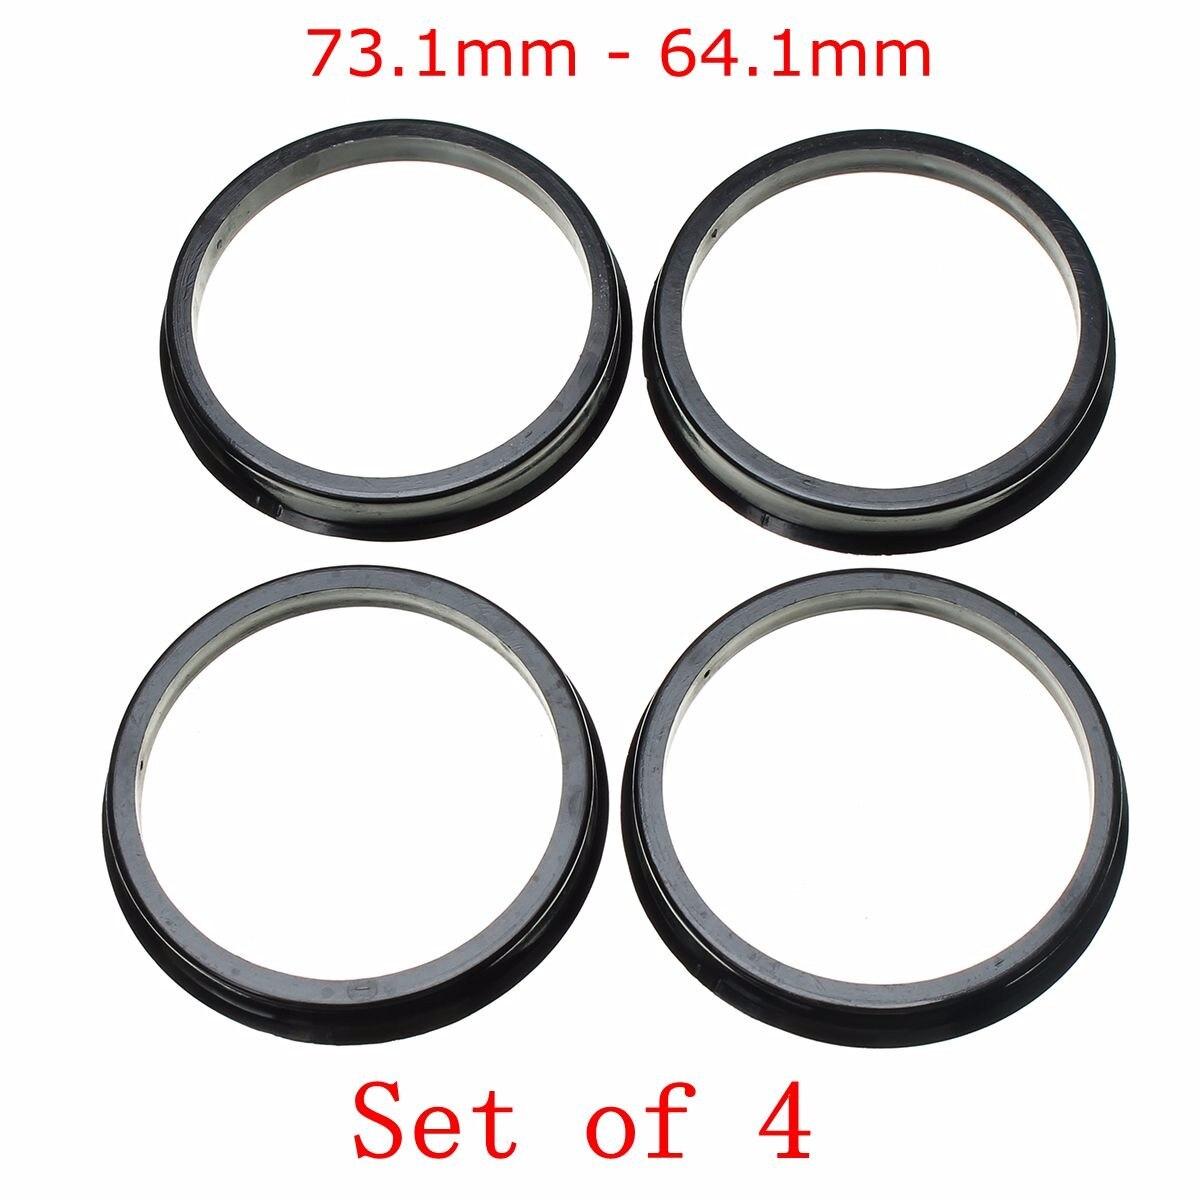 car-wheel-bore-center-collar-hub-centric-ring-731-641mm-for-honda-black-plastic-set-of-4-rings